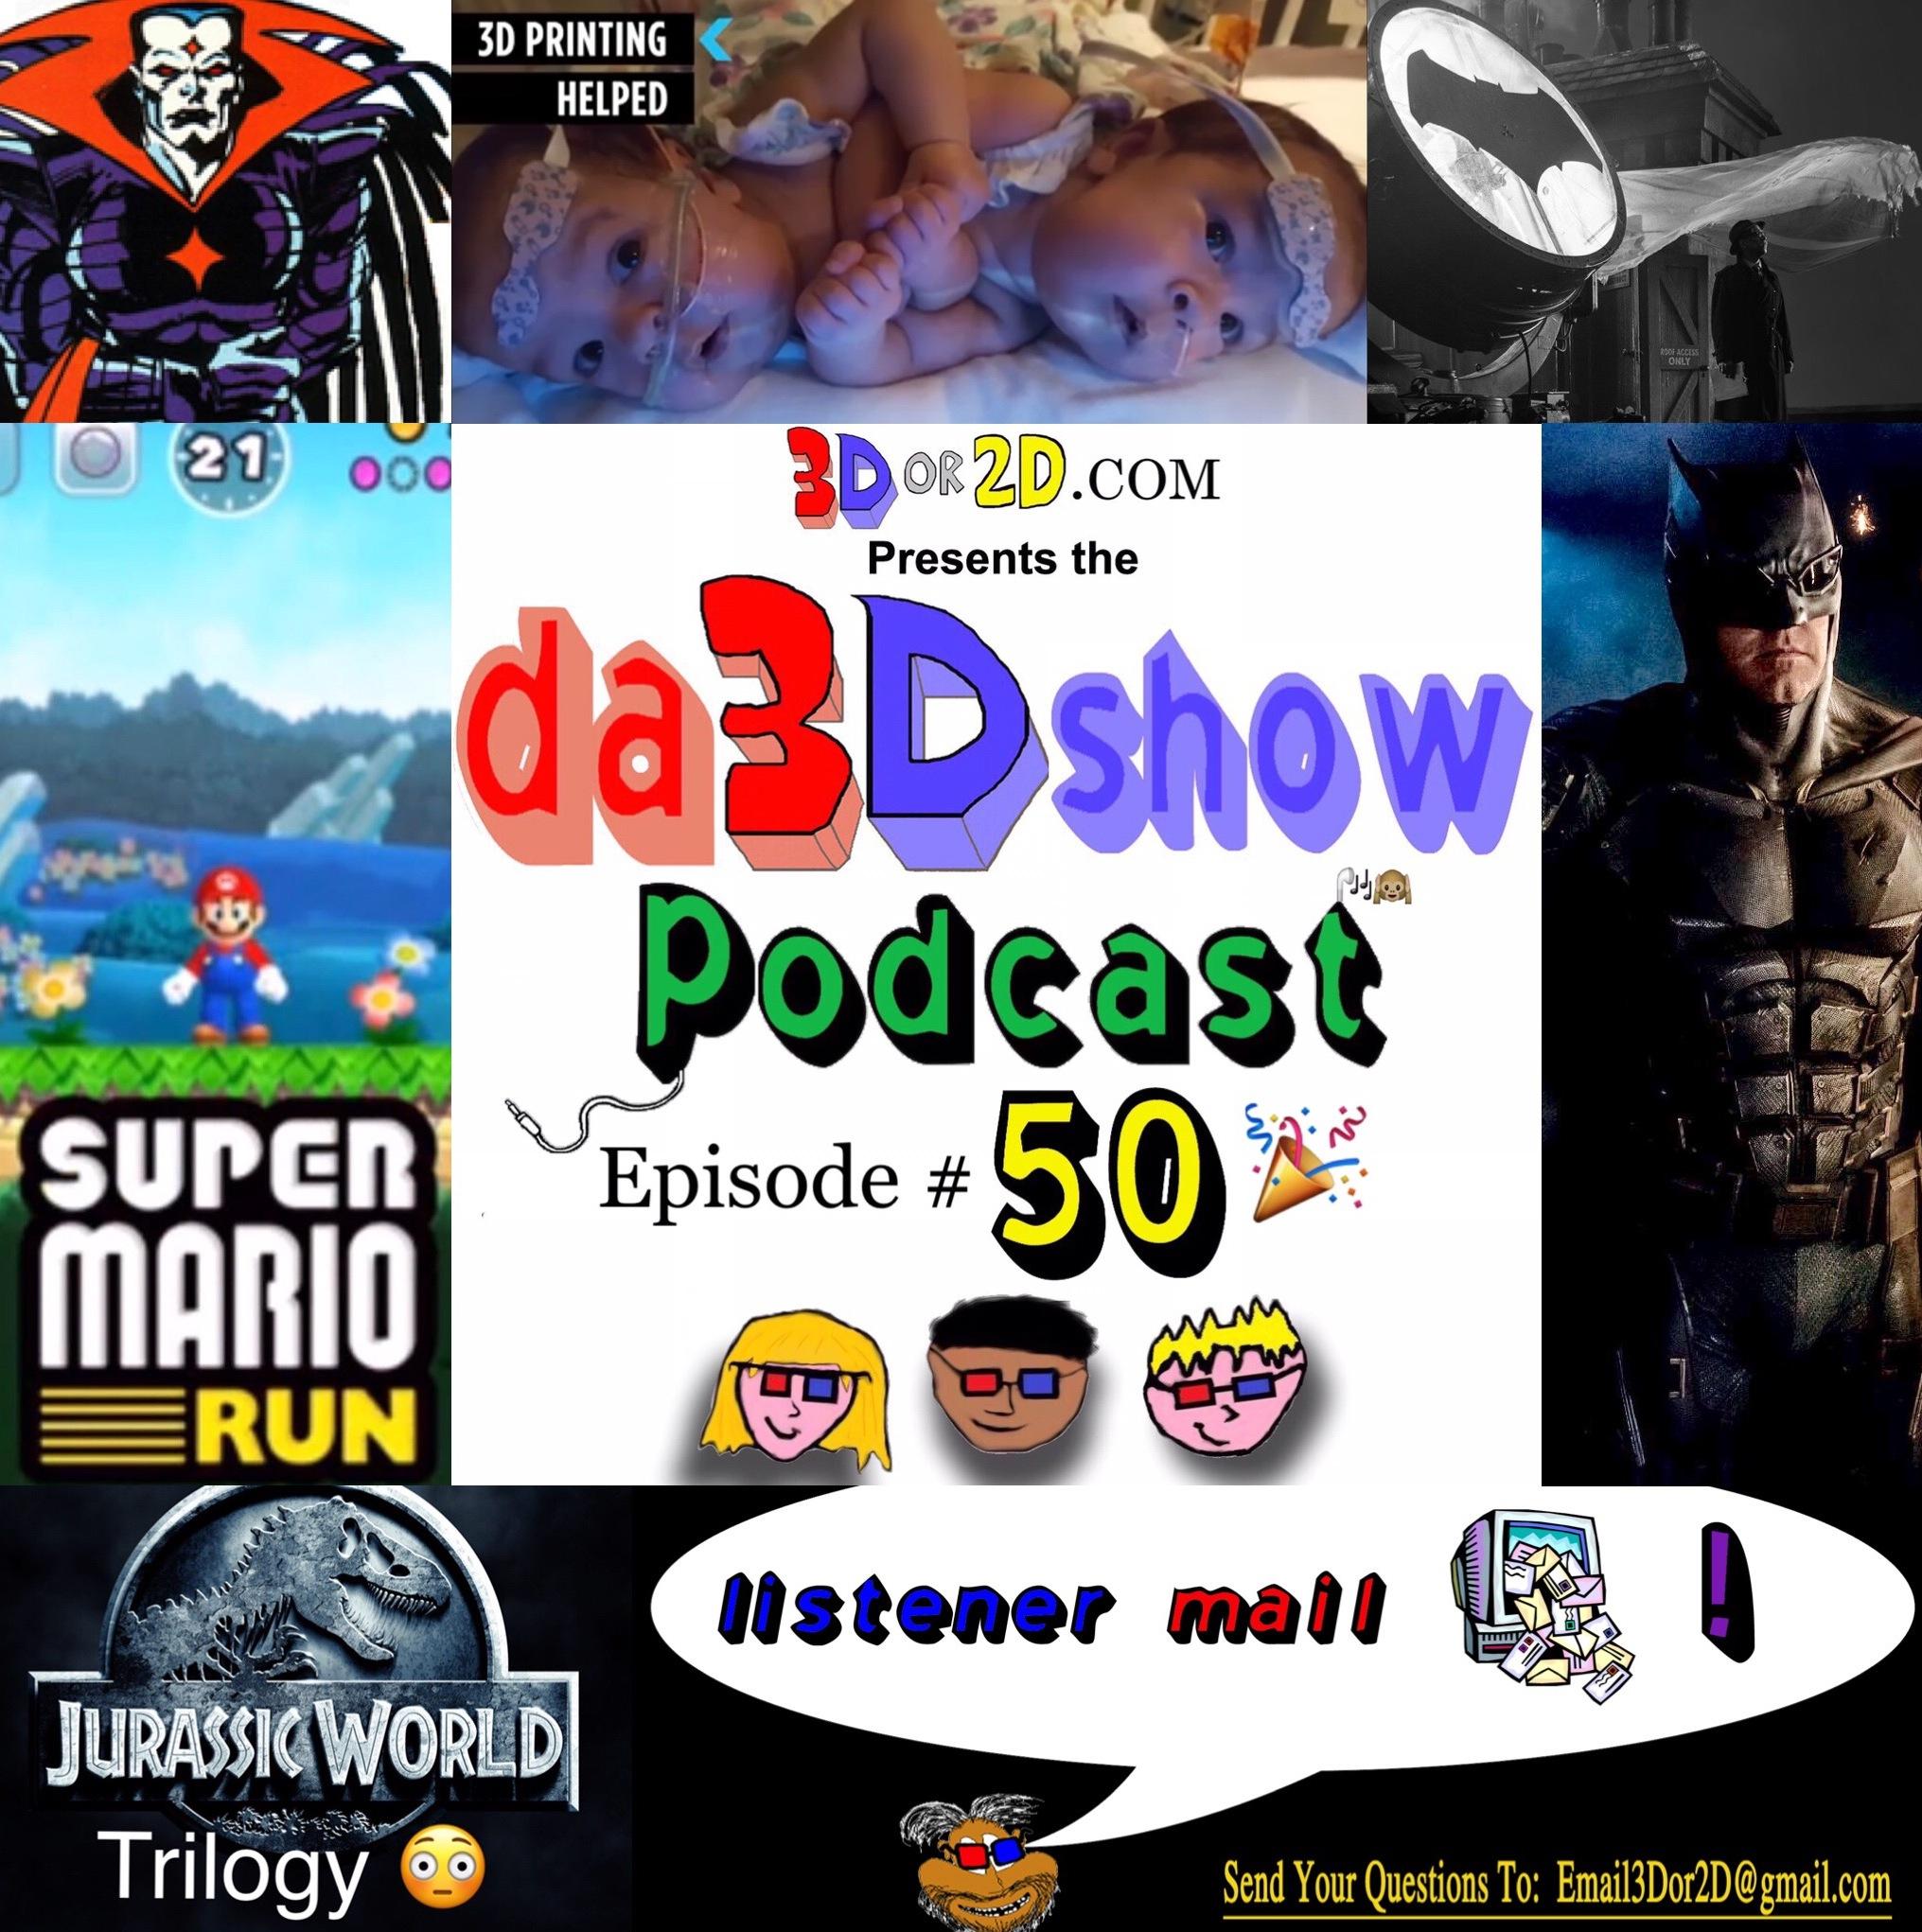 da-3d-show-50-podcast-art.jpg